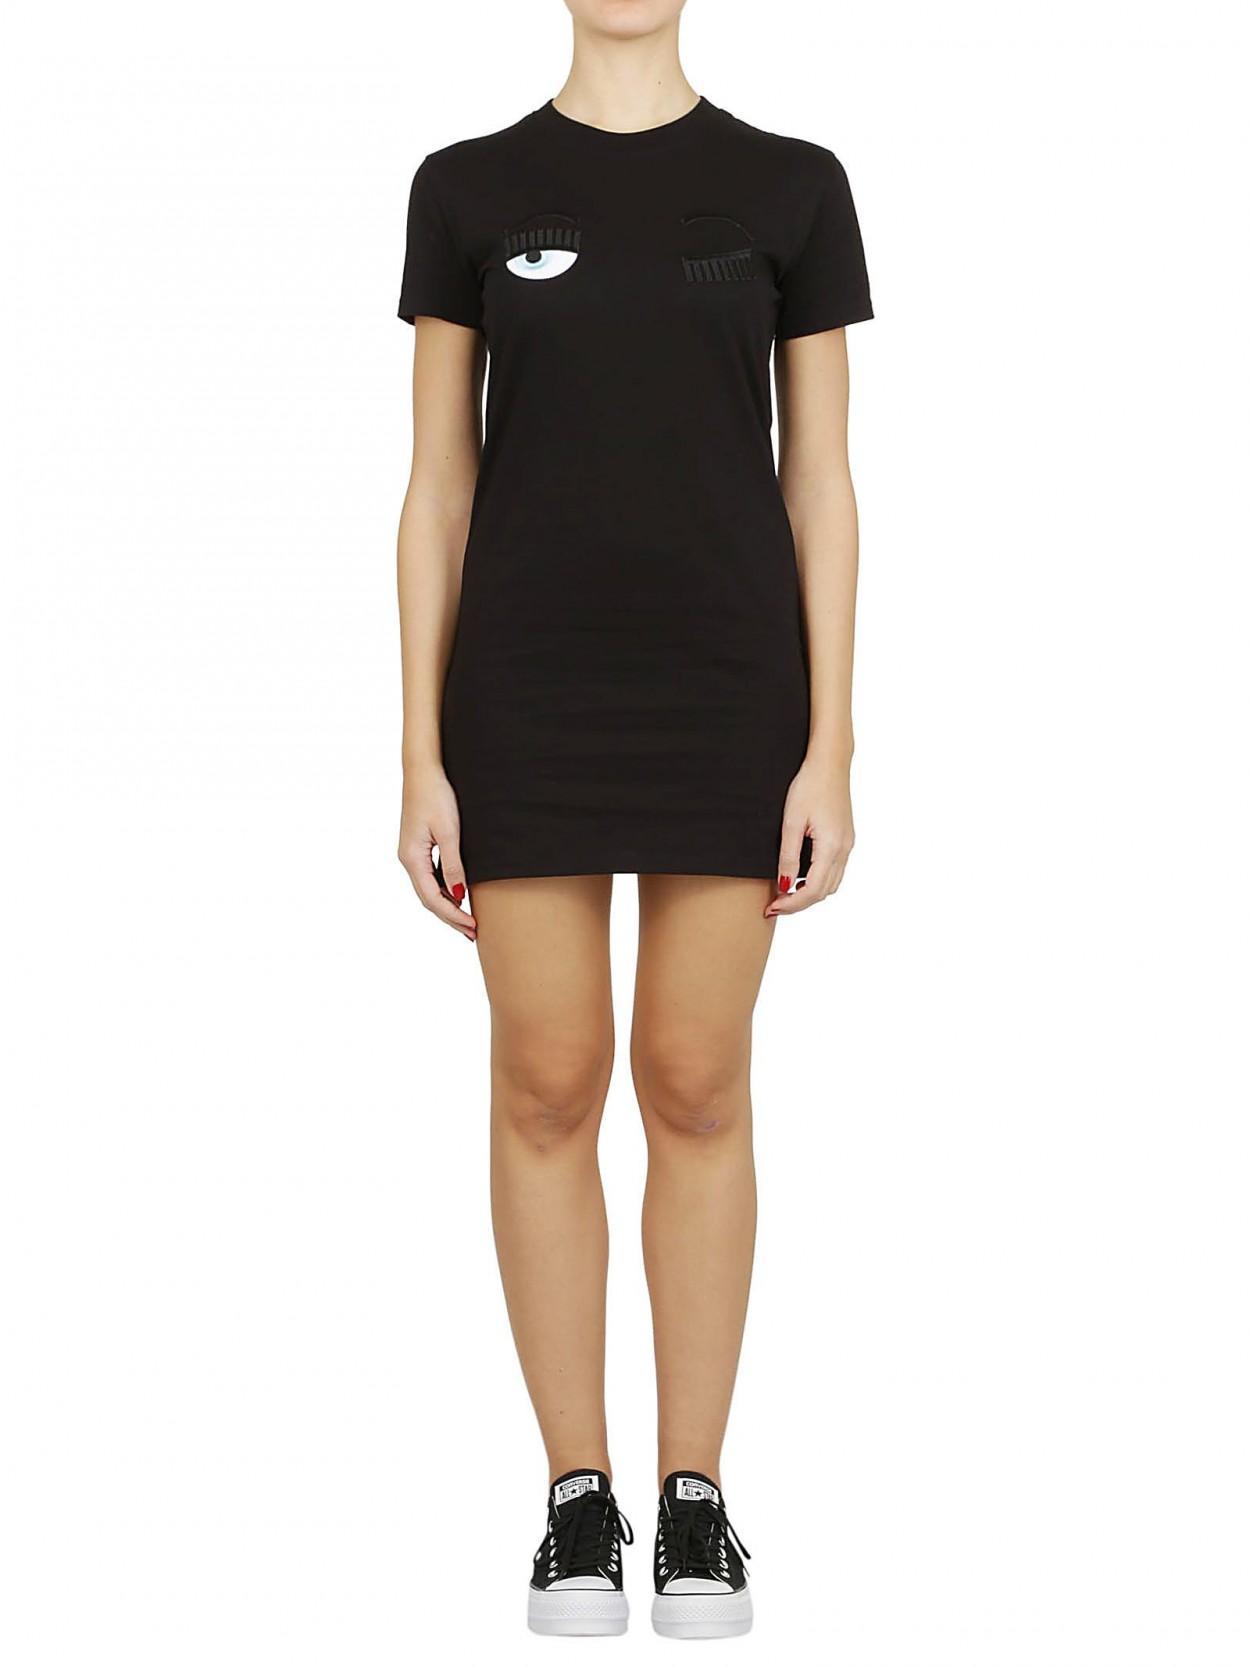 fd640d65f72b Lyst - Chiara Ferragni CHIARA FERRAGNI abito t-shirt nero in Black